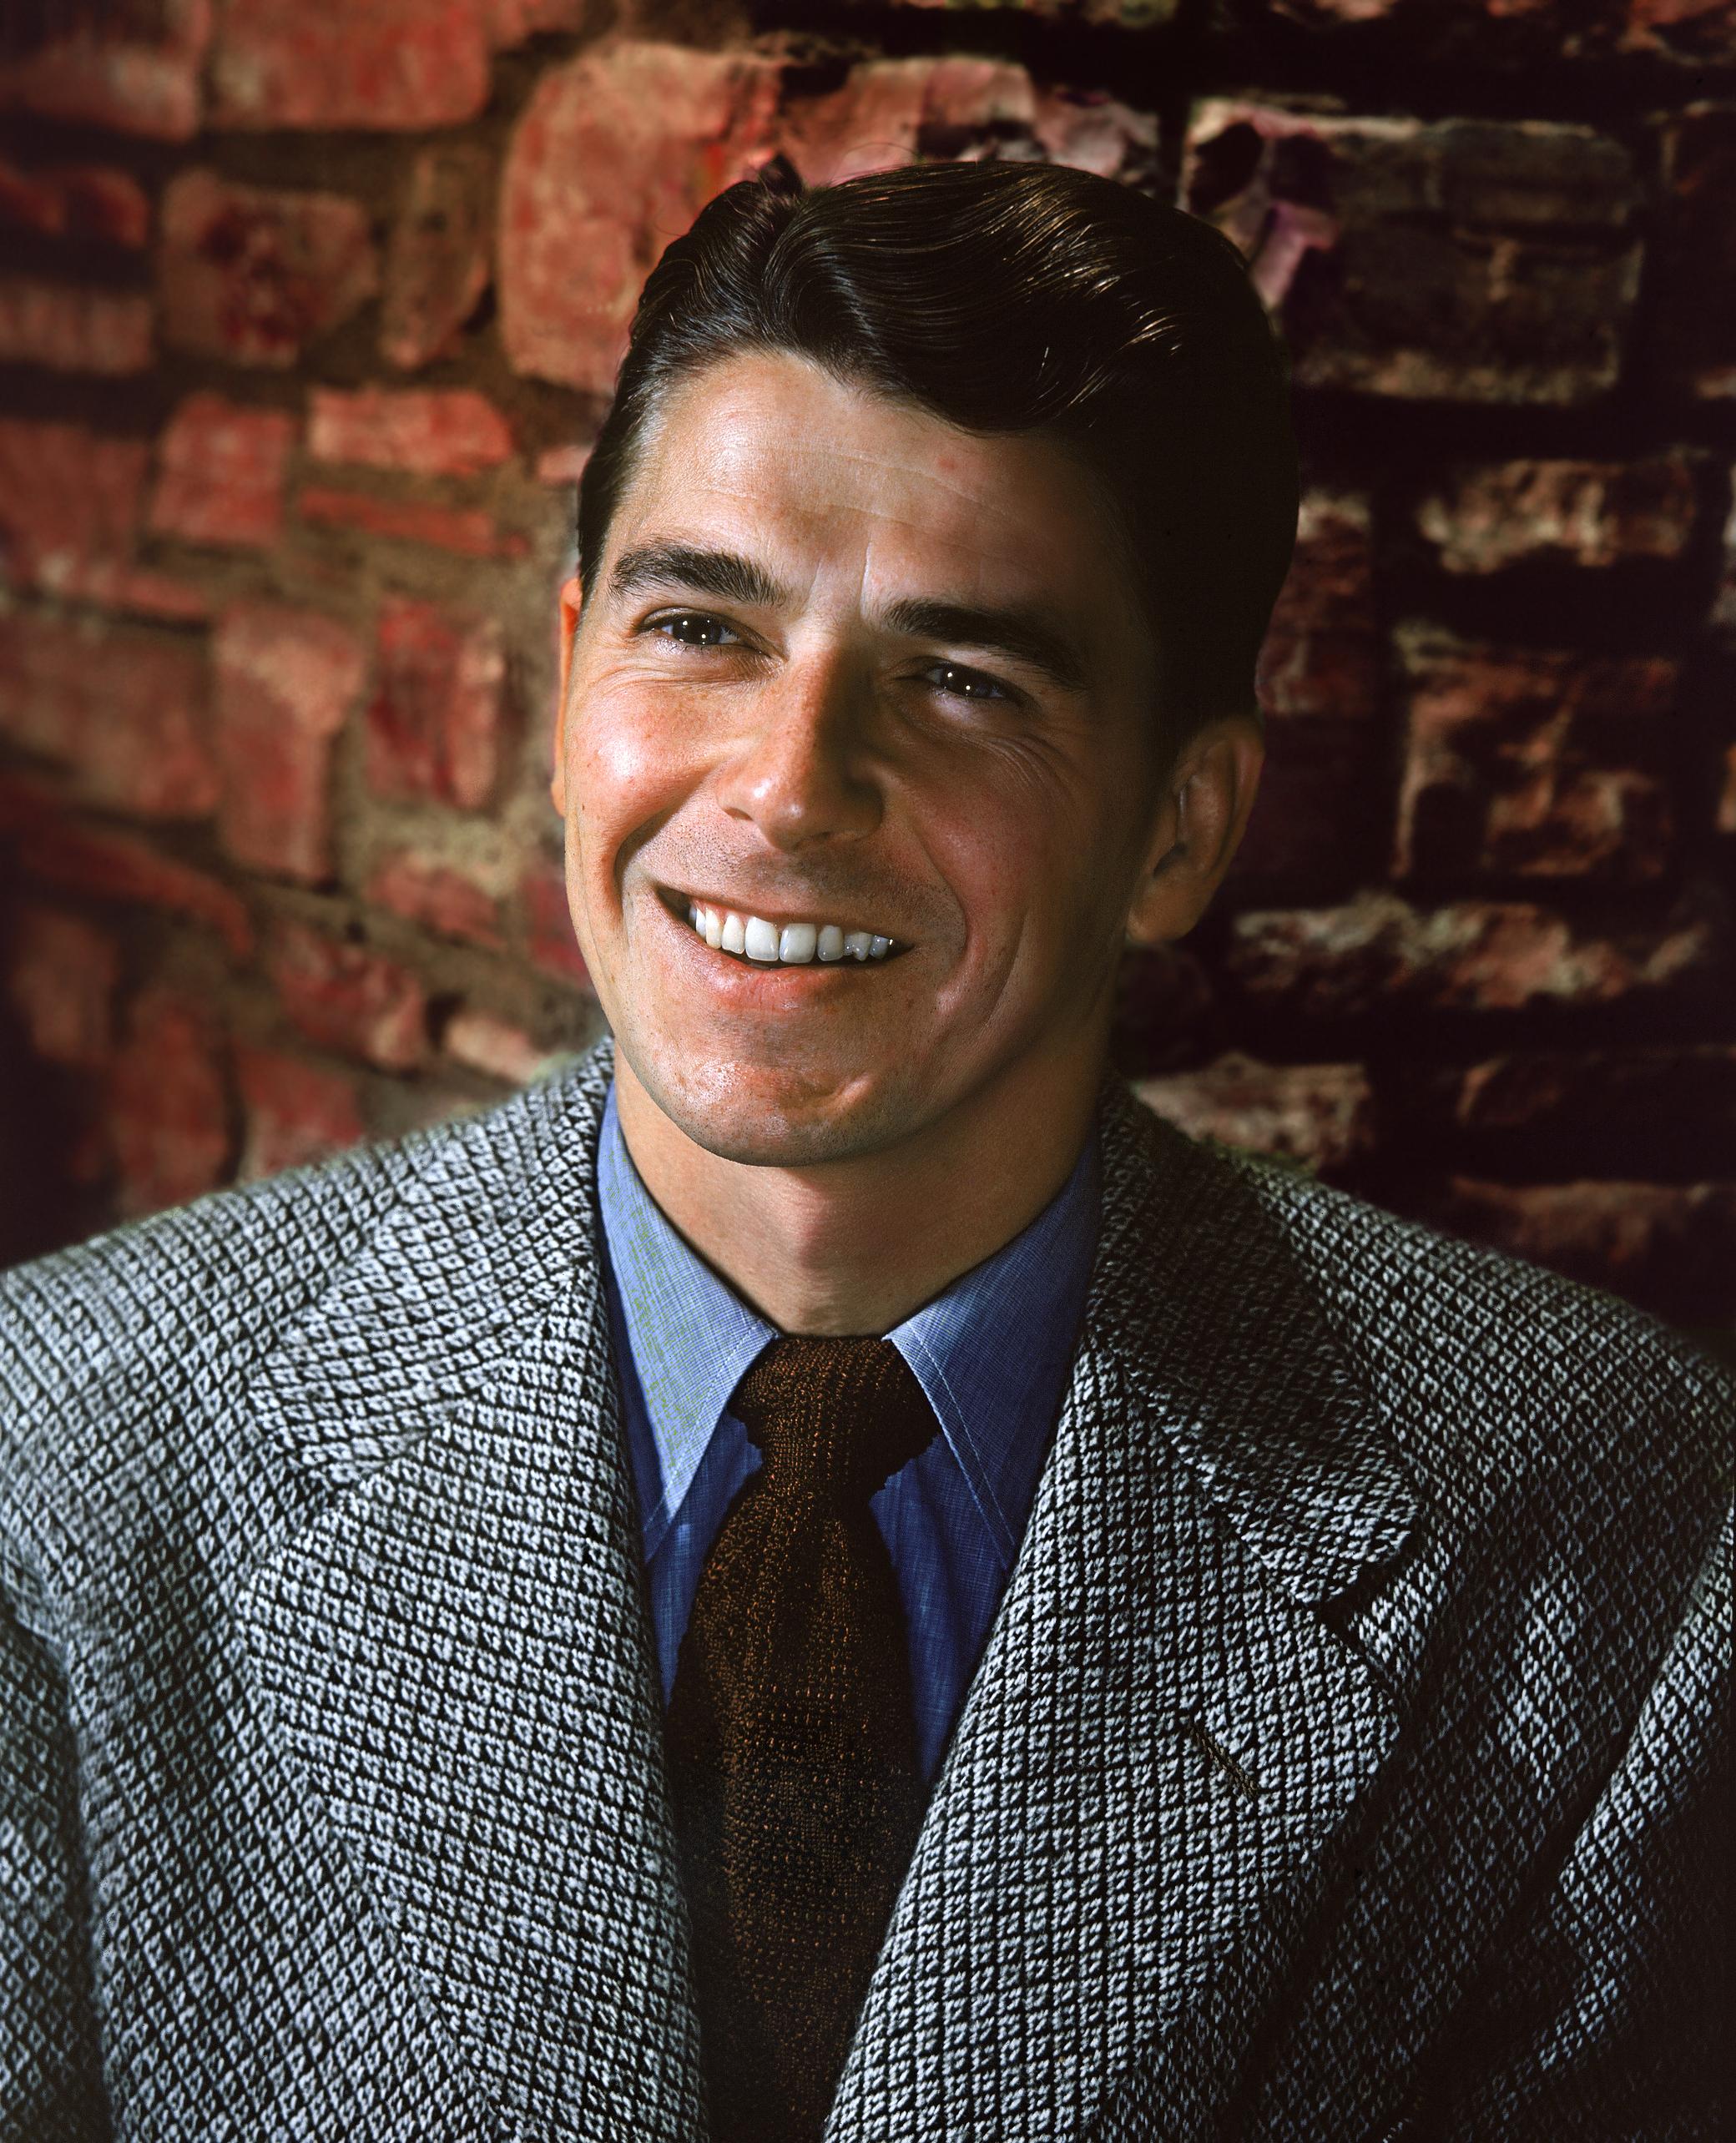 Ronald Reagan Annex